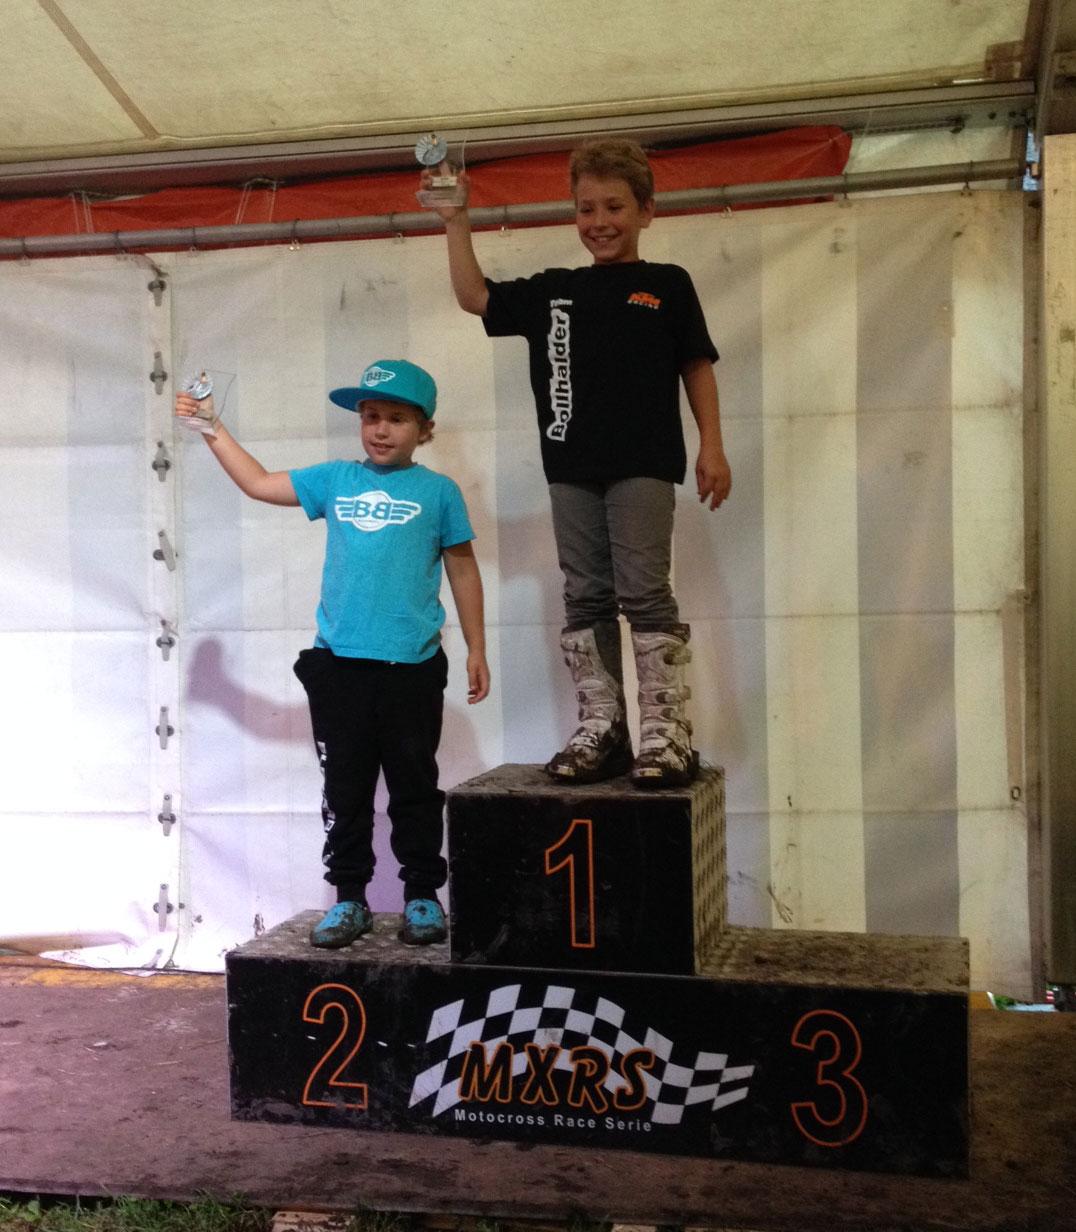 Madison 2. Platz,.... der 3. ist schon nach Hause ohne seinen Pokal....